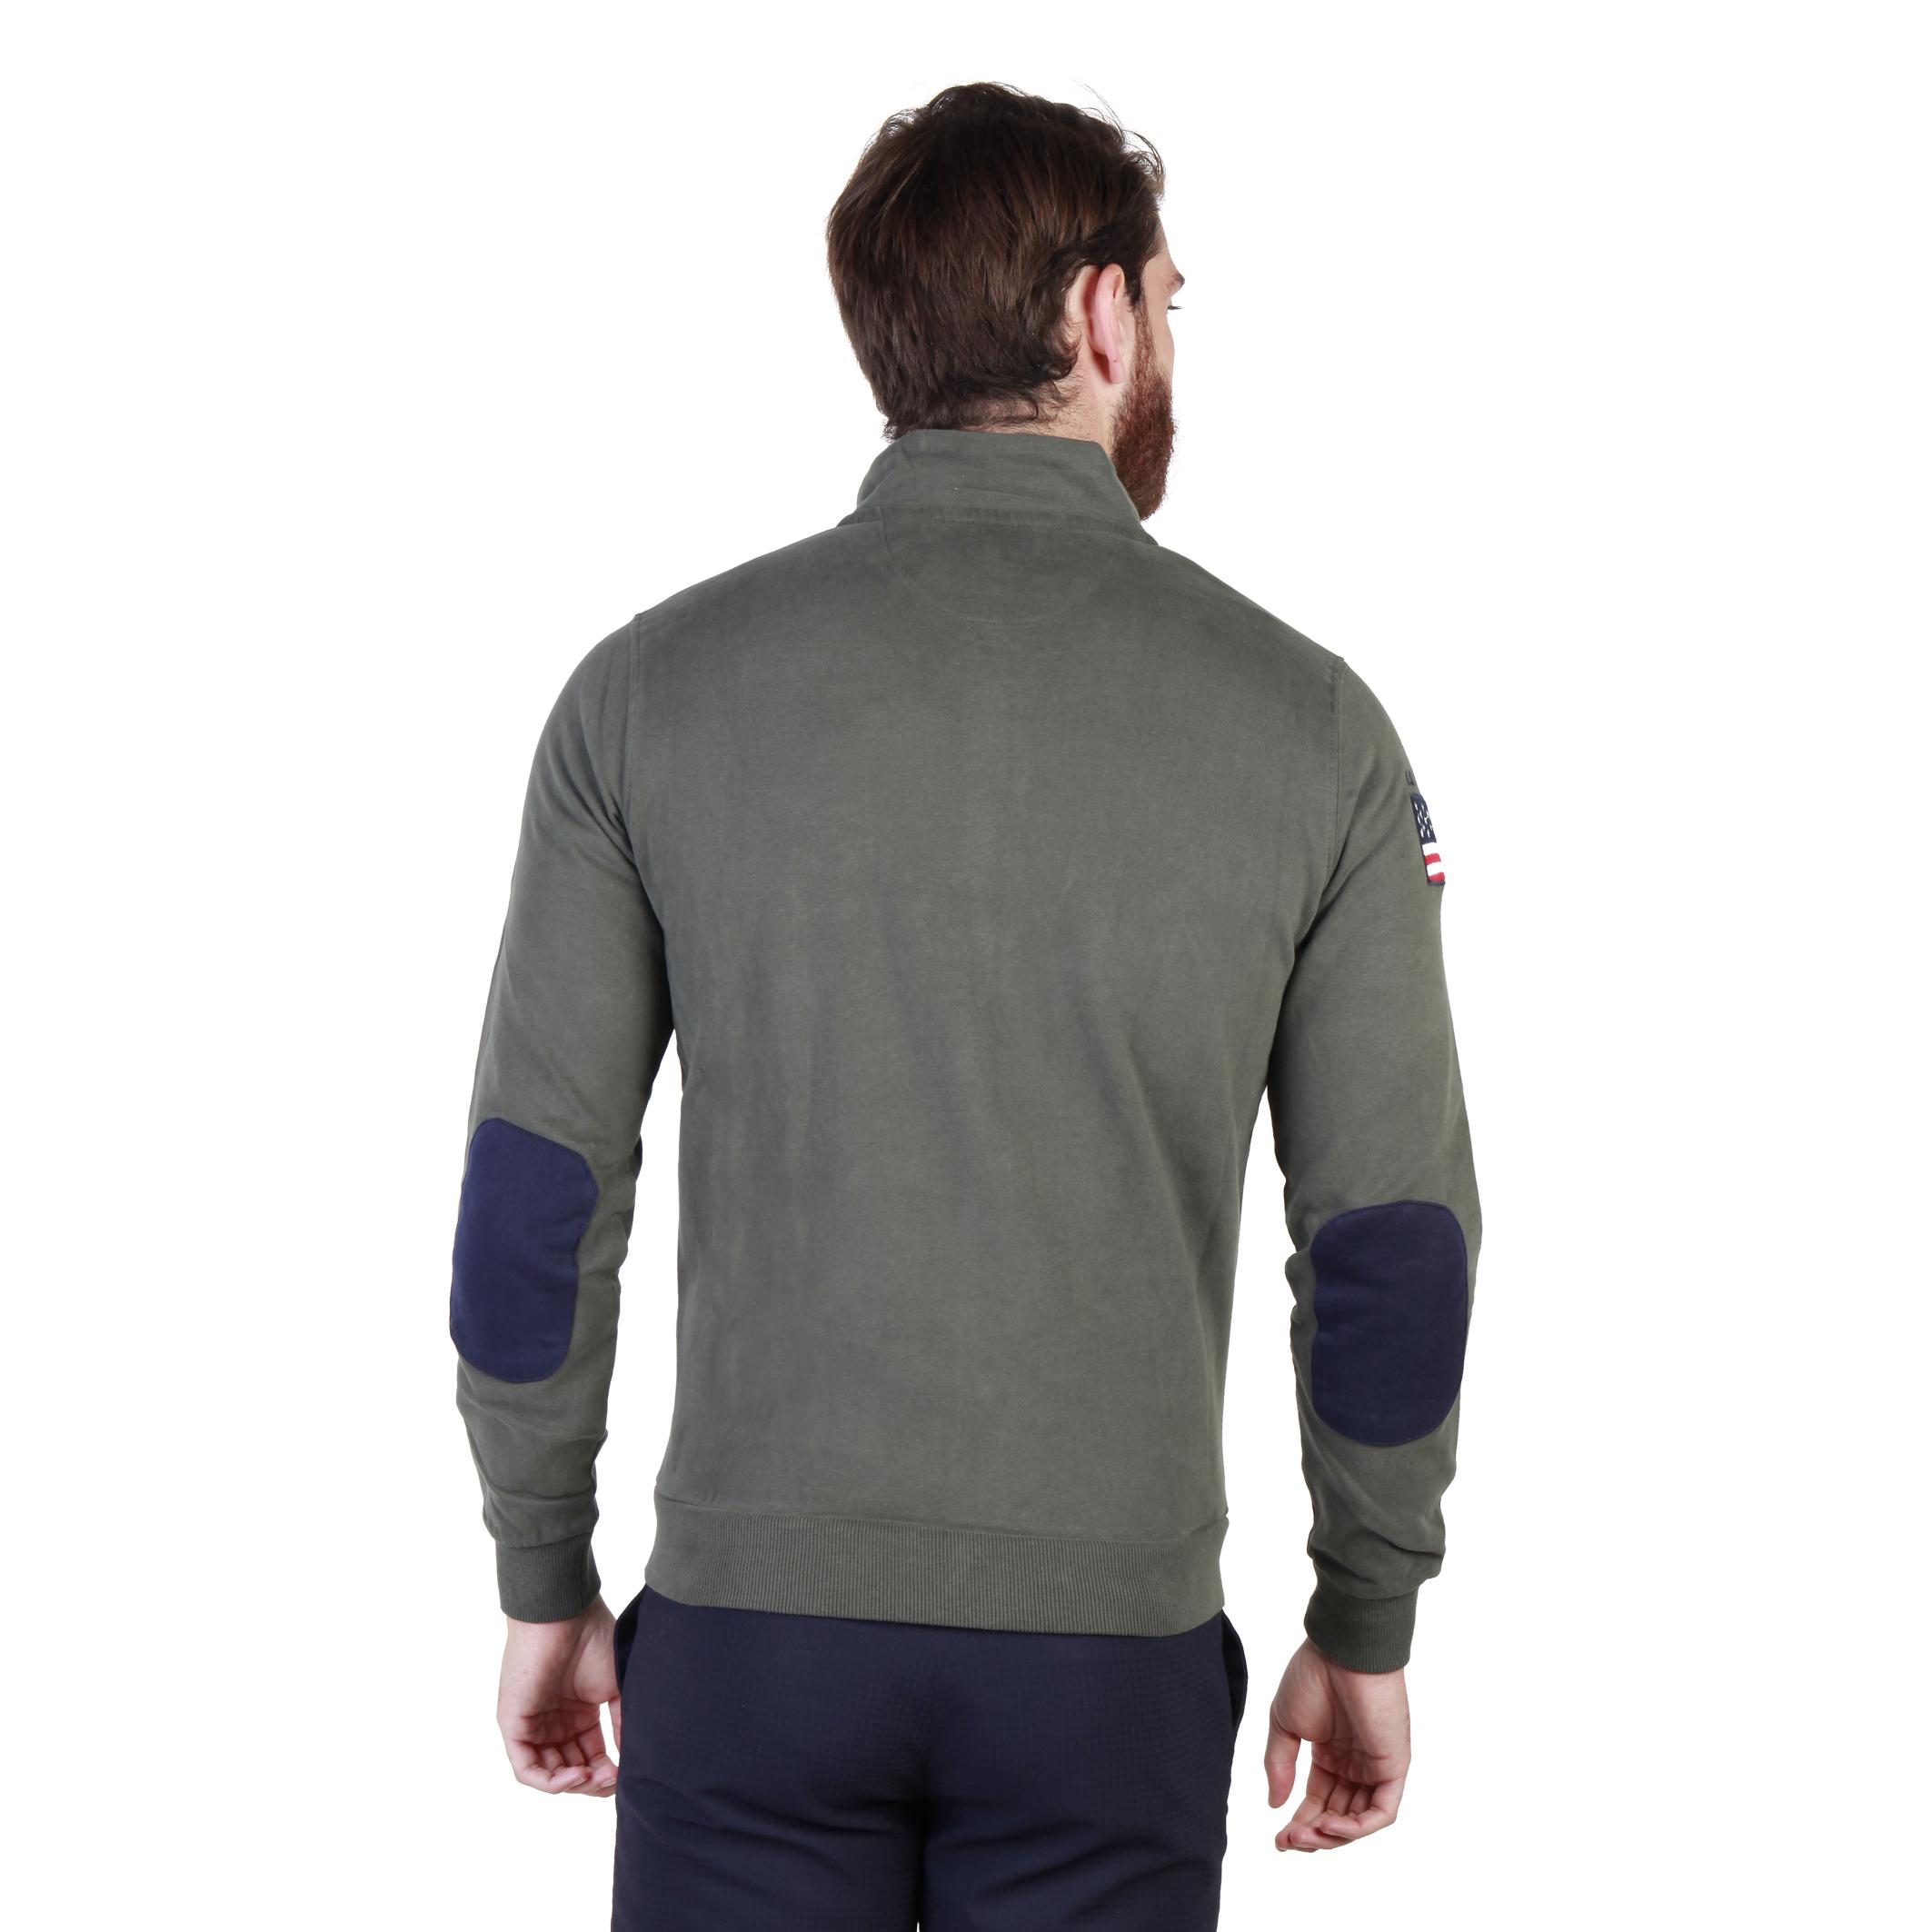 Vestes sport/streetwear  U.S. Polo 43485_47130 green